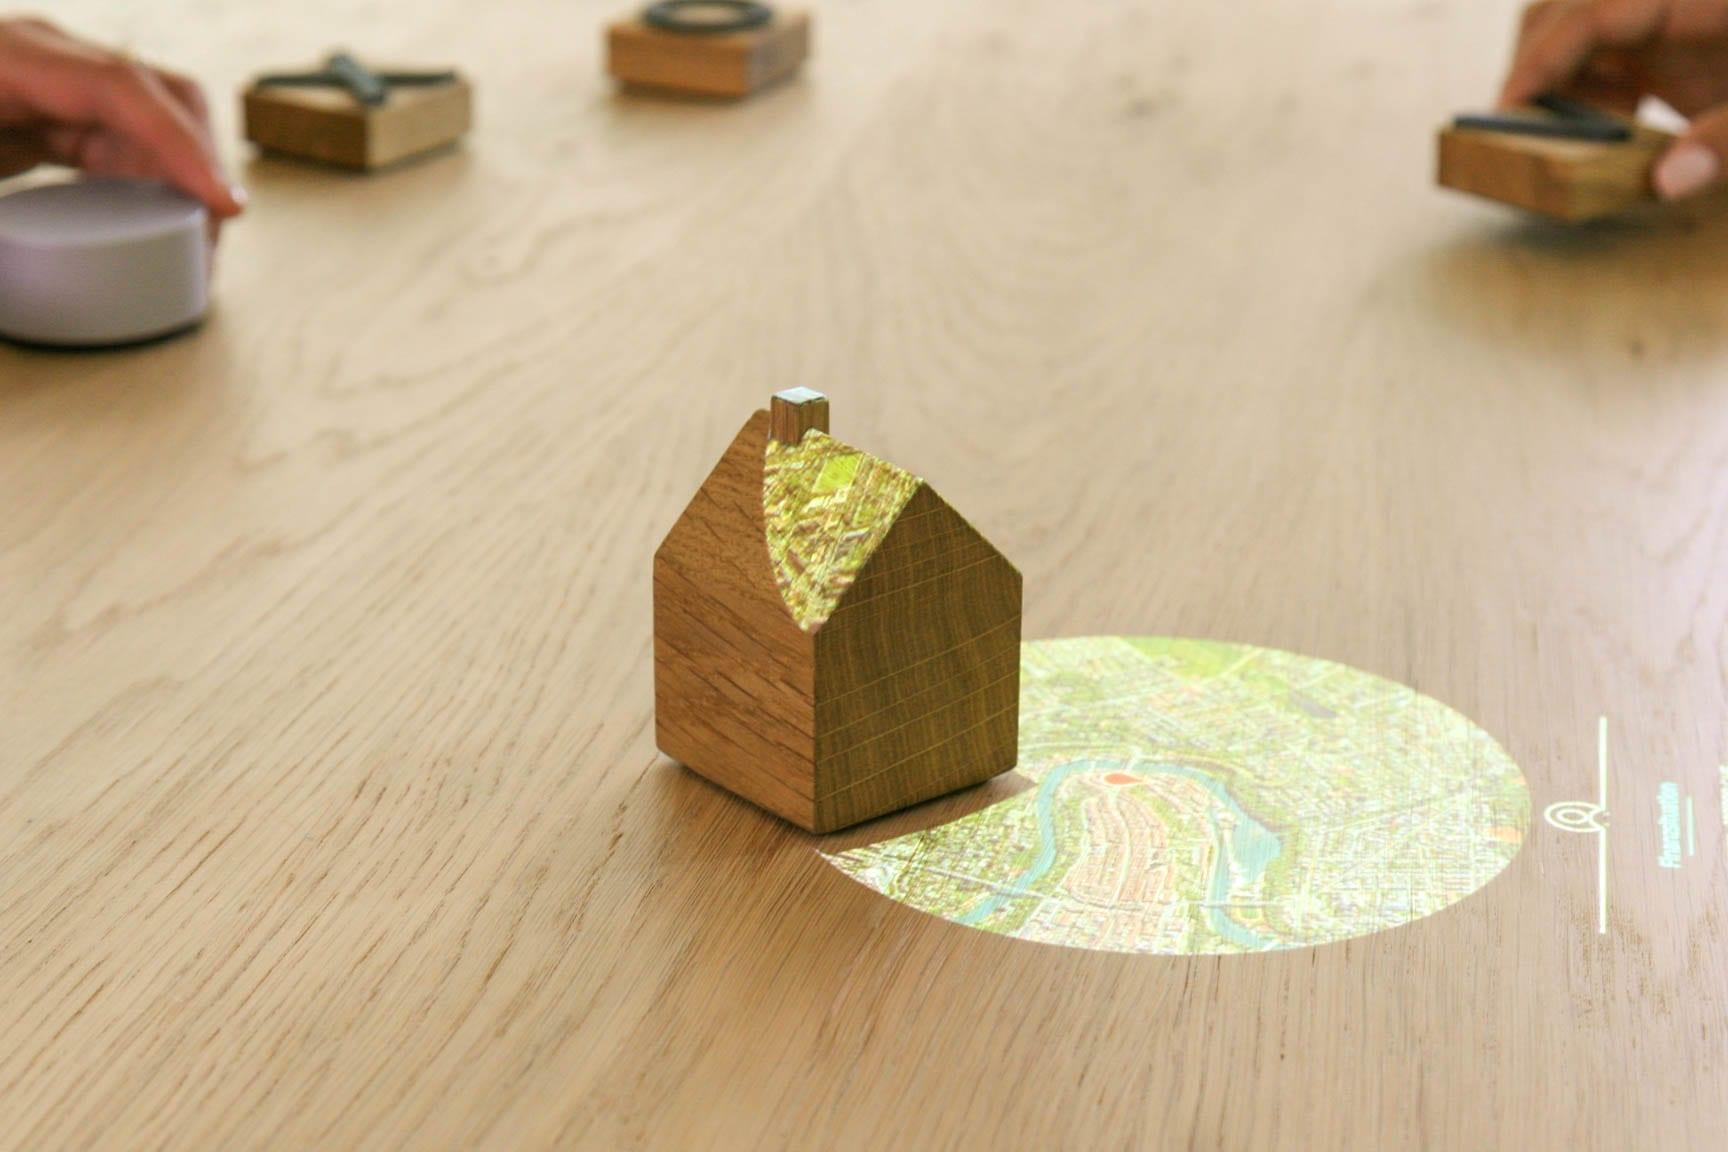 Zeigt ein kleines Holzhäuschen, aufgrund dessen der Sensor erkennt, dass er Googl Maps anzeigen soll. Auf der Karte der Standort der Immobilie angezeigt, die finanziert werden soll.